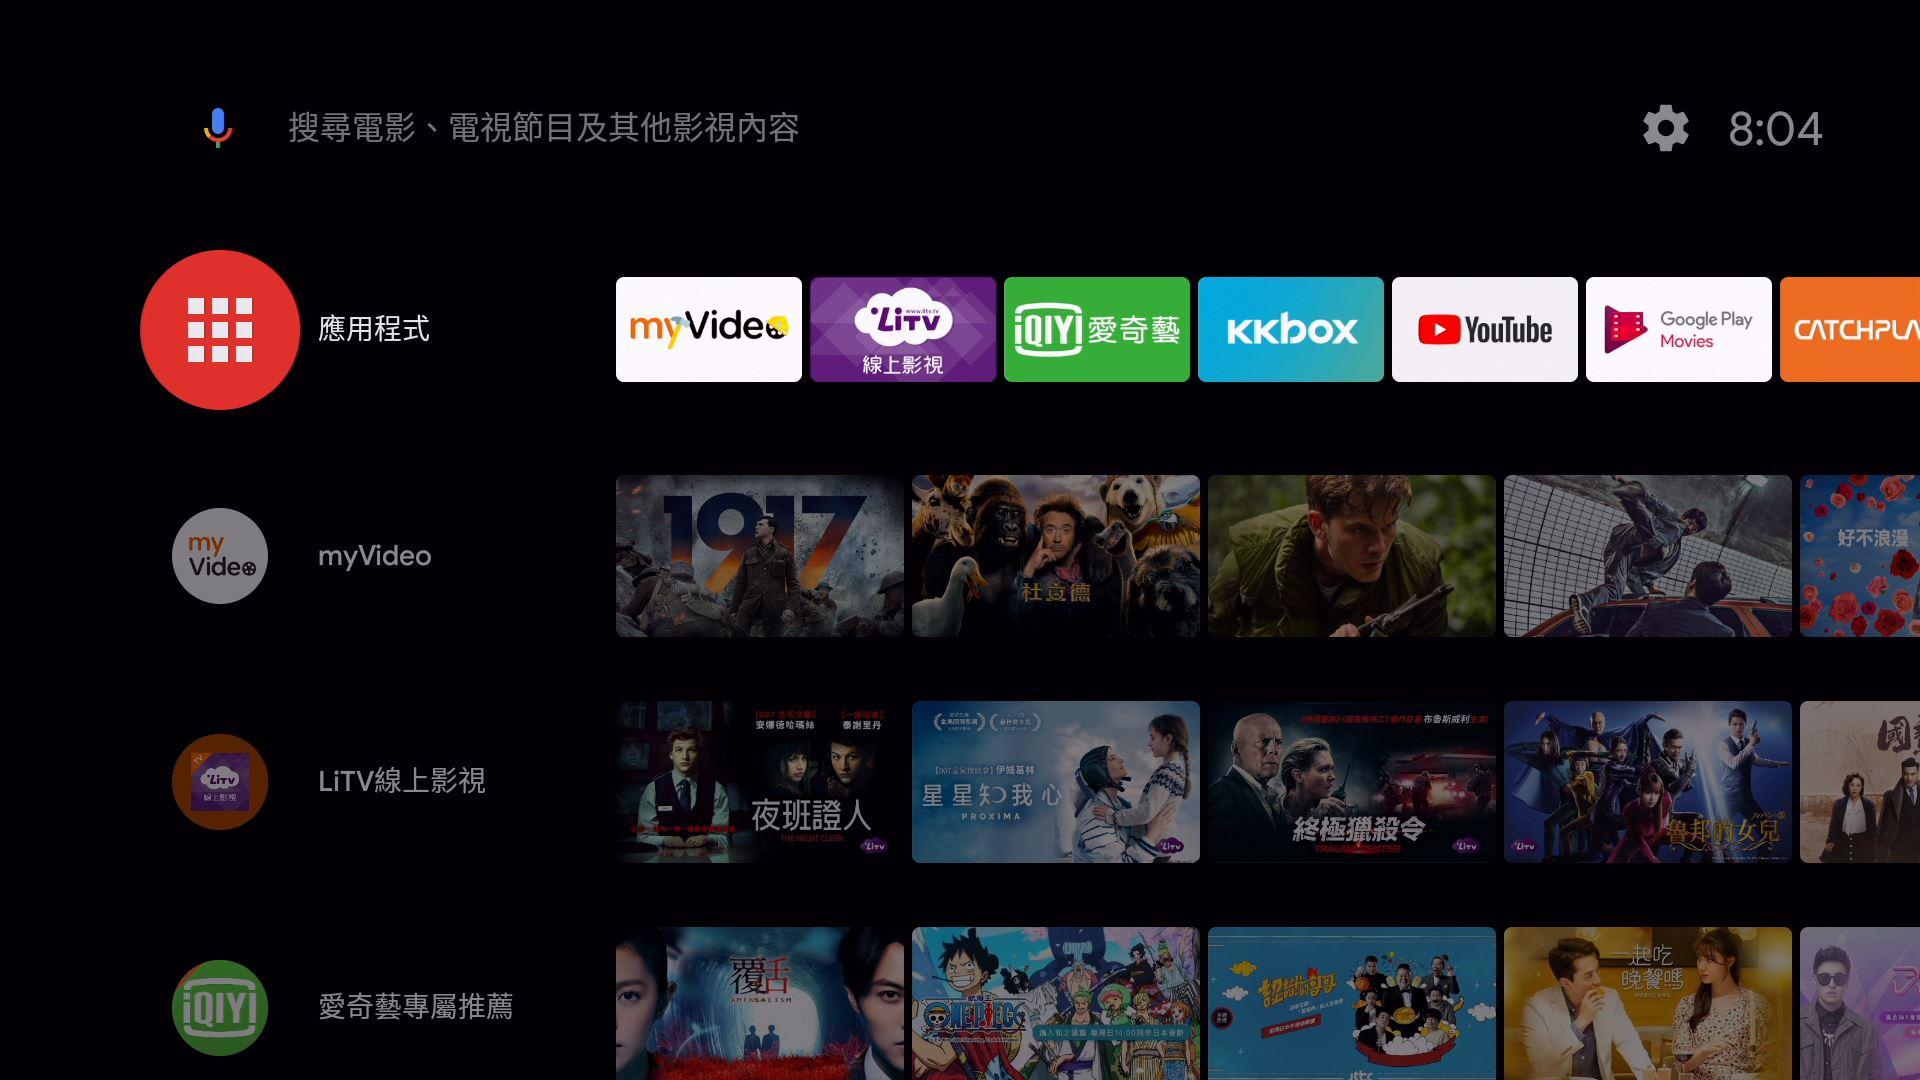 雷爵RockTek G1 4K HDR電視盒-無痛升級Google授權Android TV系統,語音助理免動手 - 34